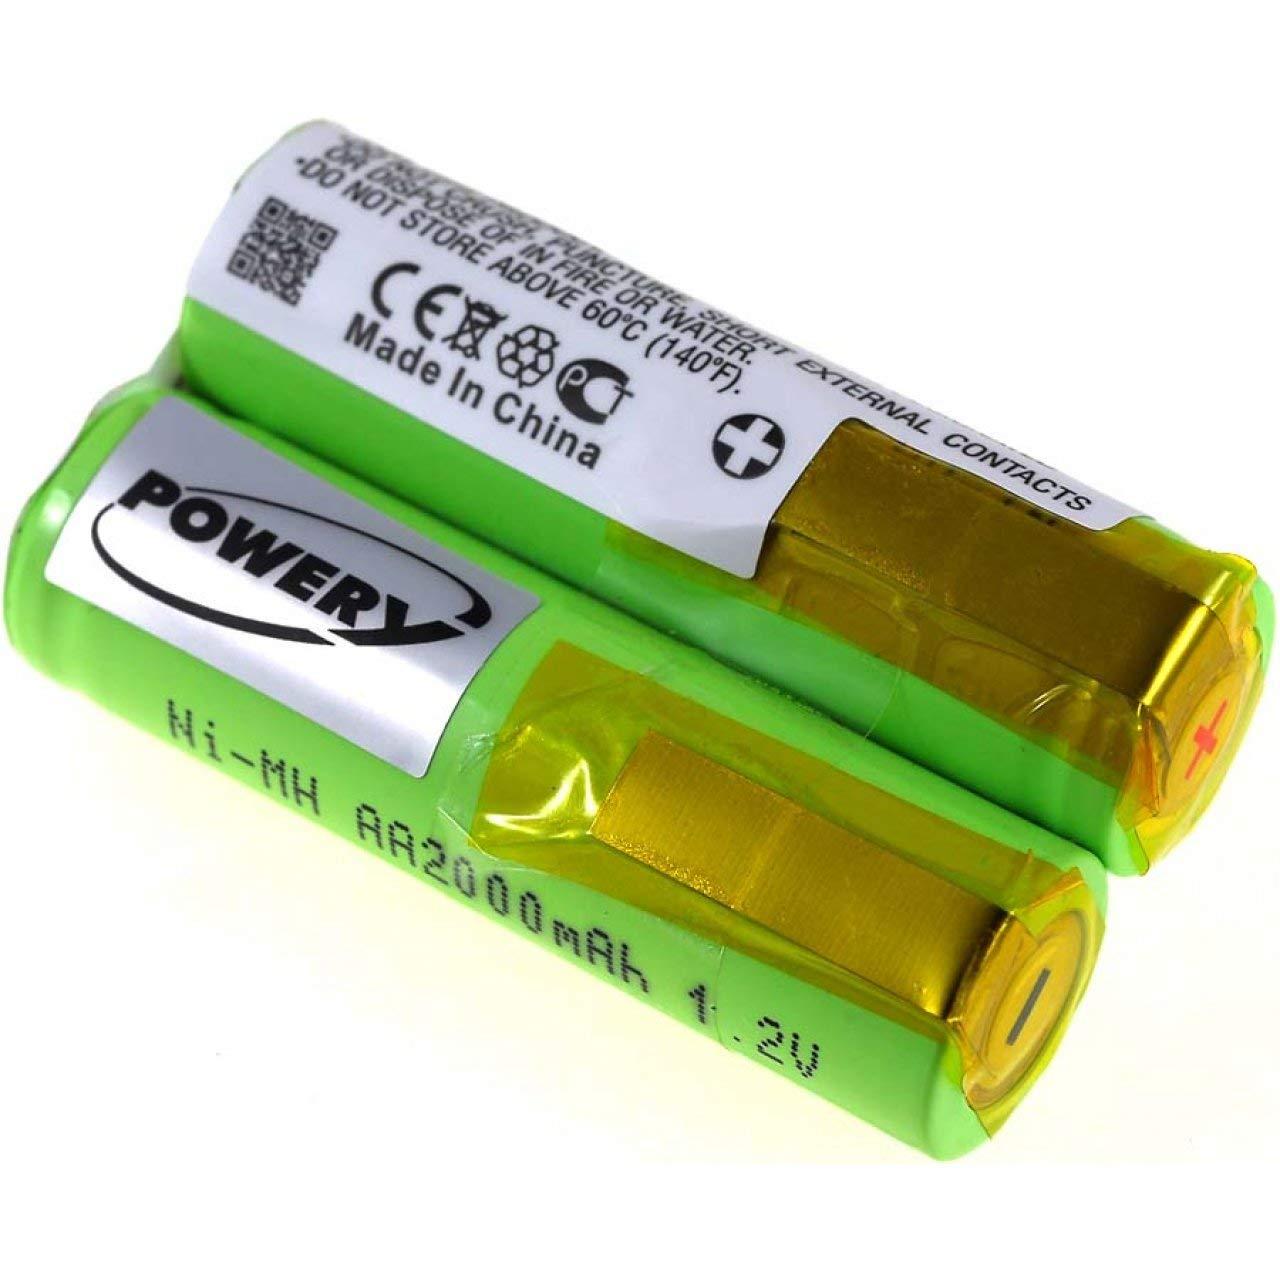 Batería para Afeitadora Philips tipo shb2, 2,4 V, NiMH: Amazon.es ...